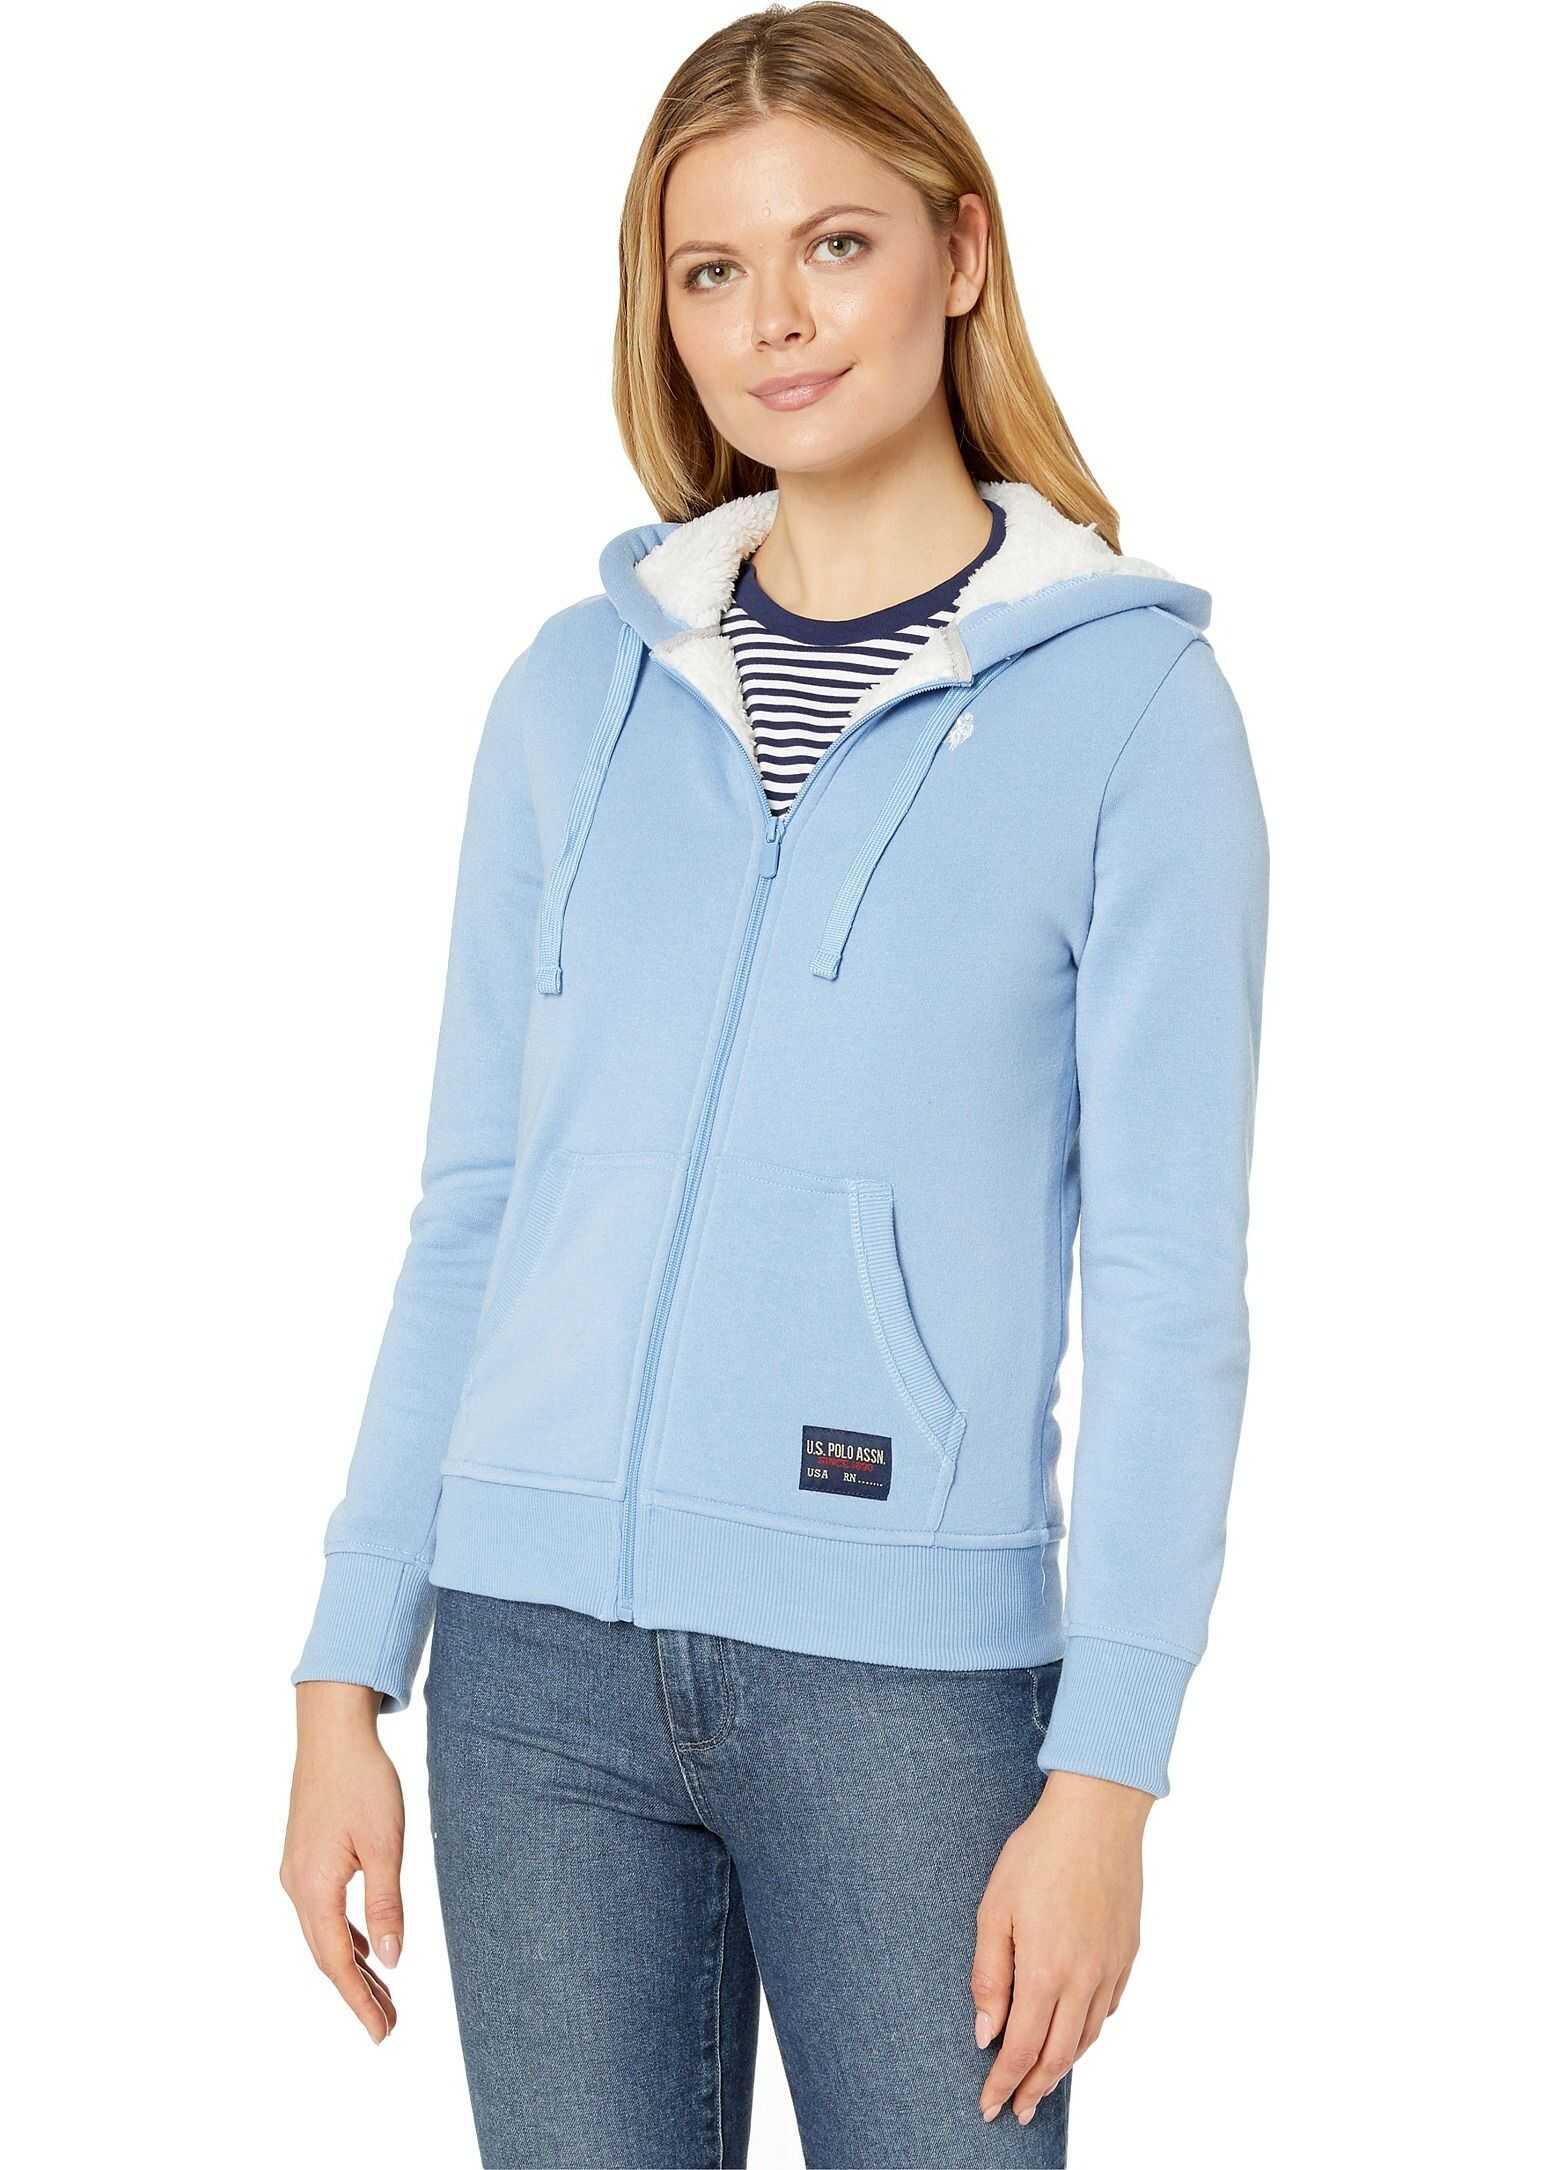 U.S. POLO ASSN. Fleece Hoodie Light Blue